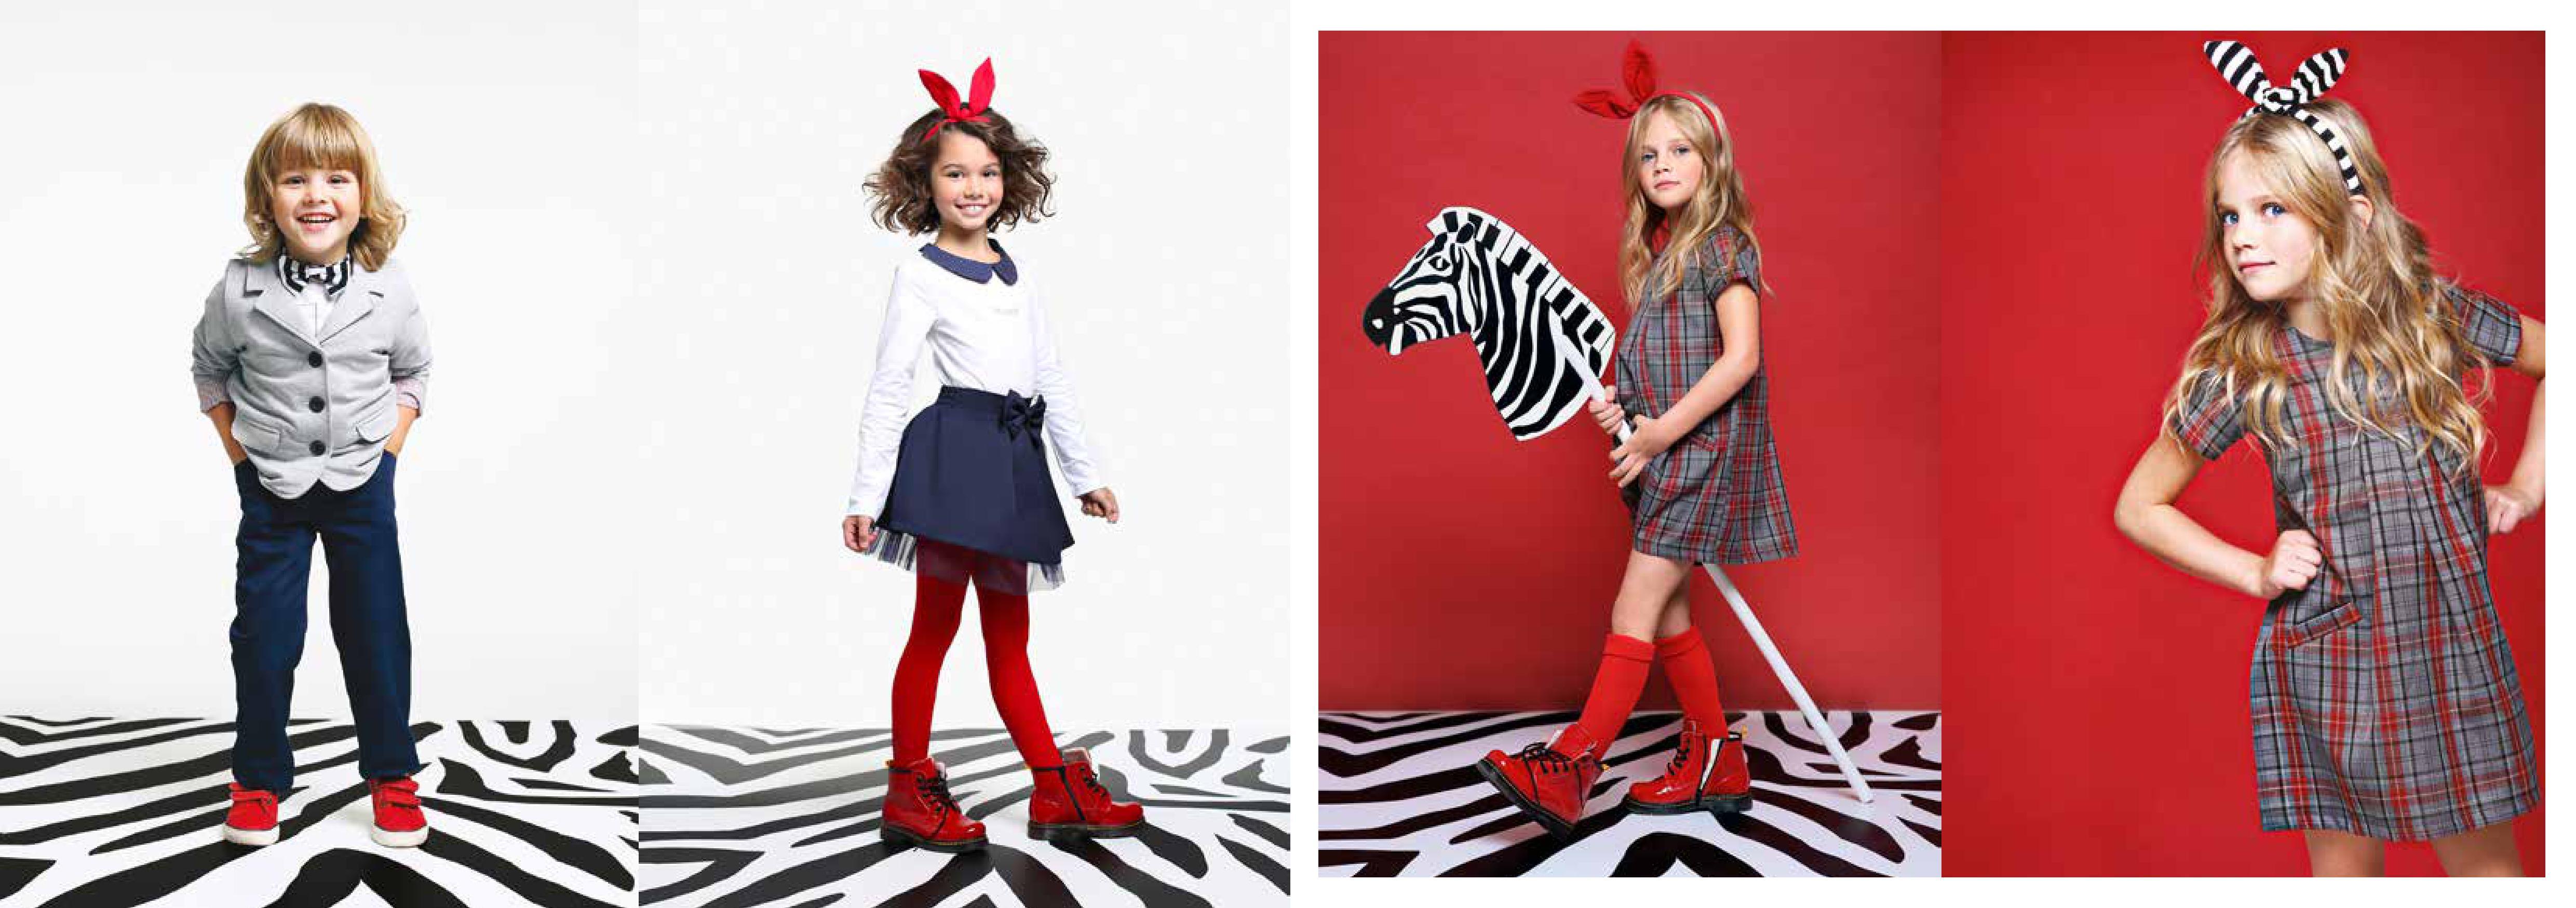 Сбор заказов. Абсолютно детская одежда Cookie! Осенняя коллекция в стиле school-look. Без рядов.